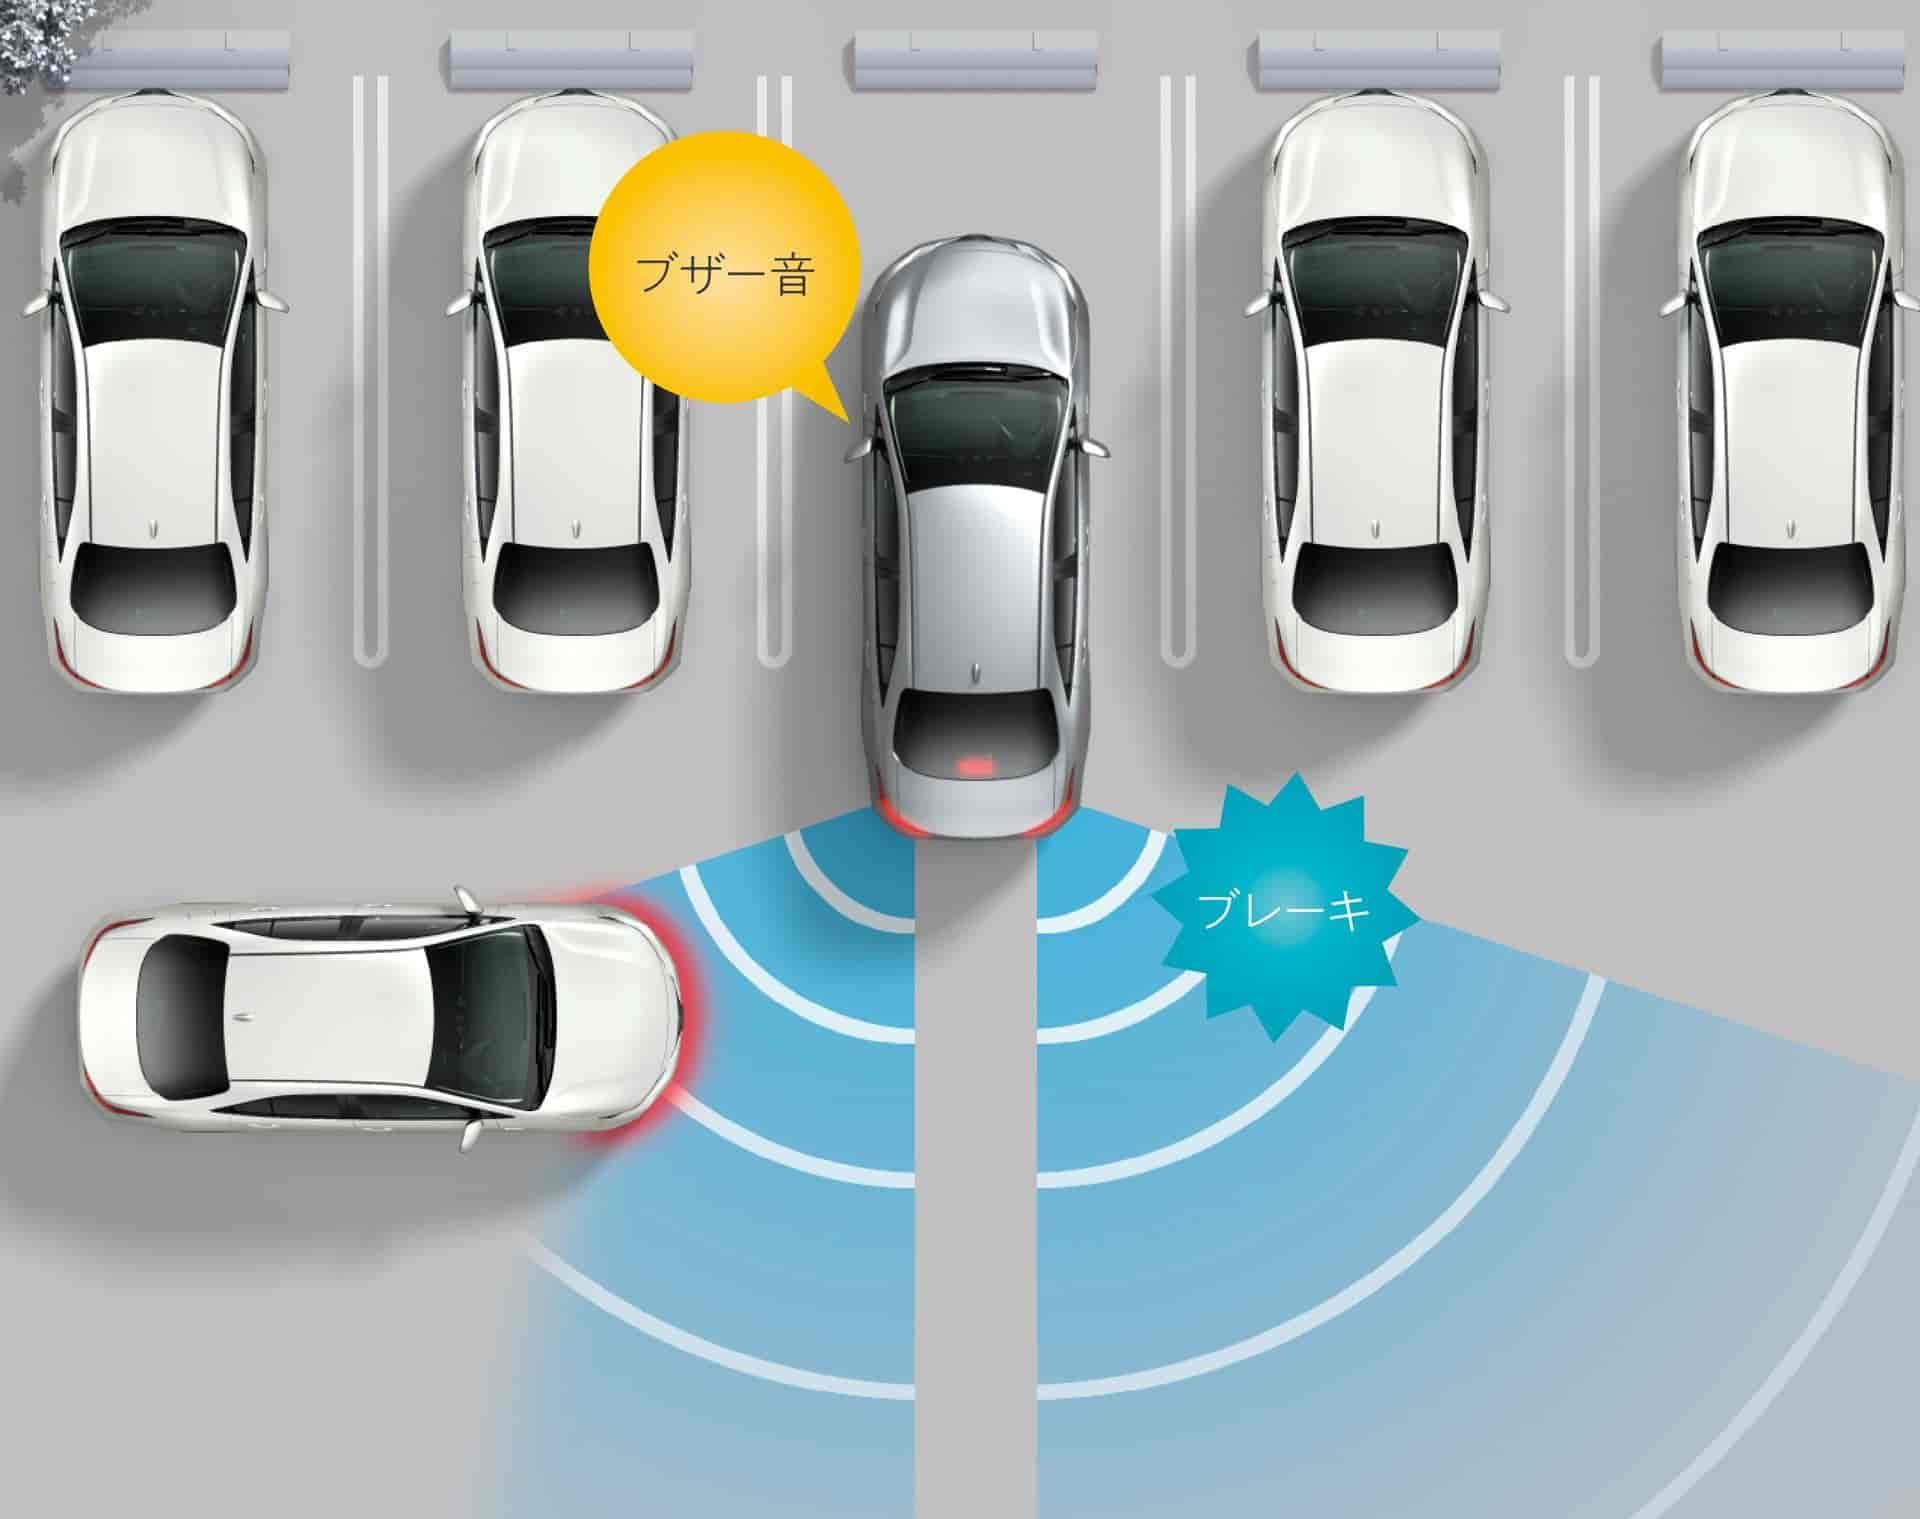 Los sistemas de seguridad del Corolla Cross permiten un estacionado más seguro.